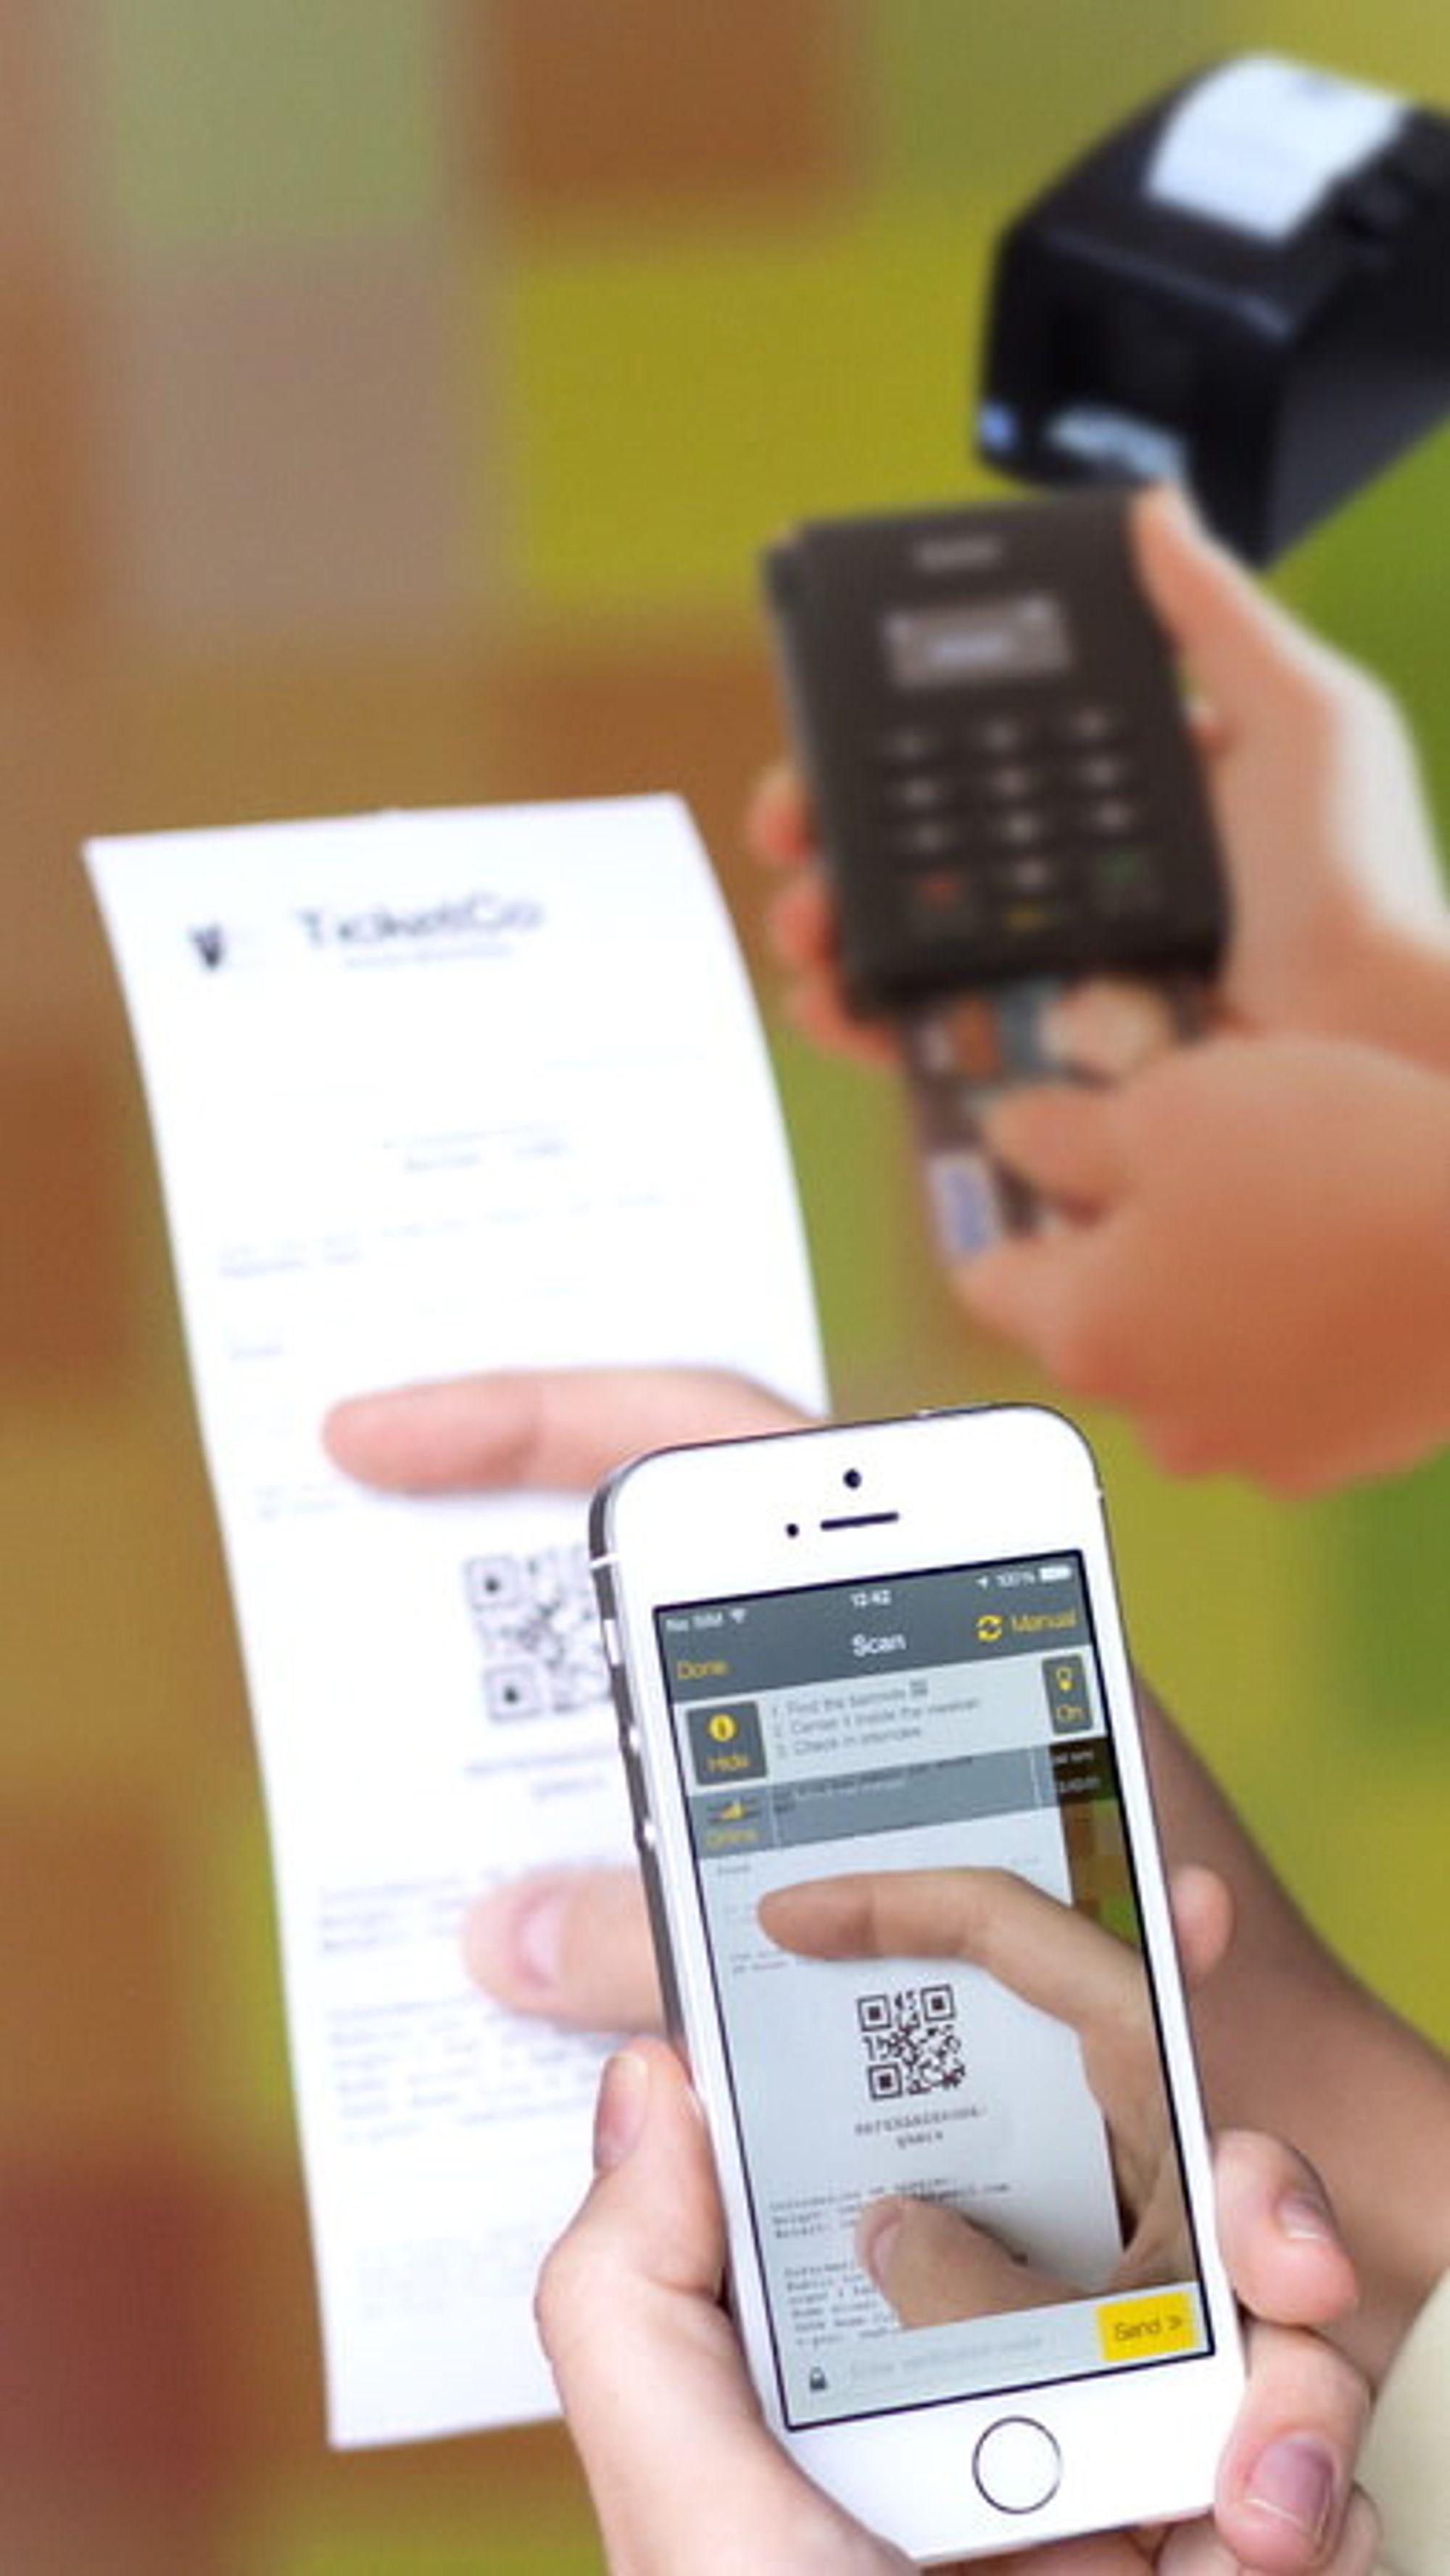 TicketCos løsning er iOS-basert, og bruker kamera til å skanne QR-koder for å validere billetter.